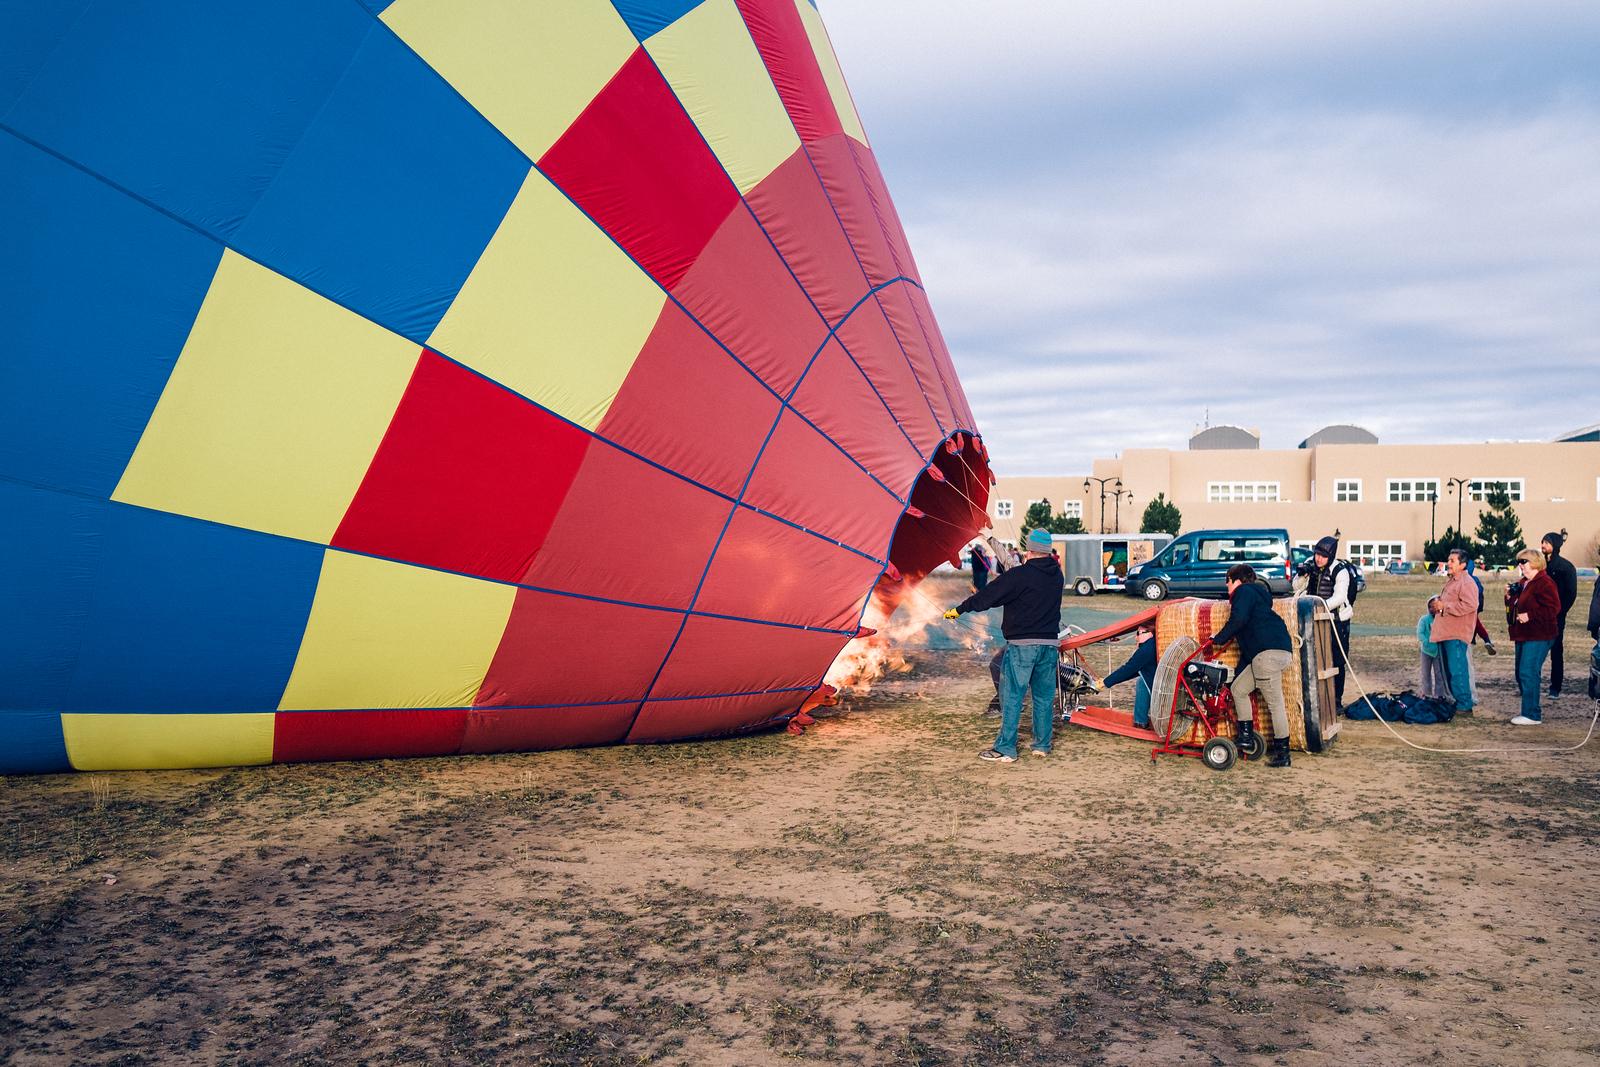 Taos Balloon Festival